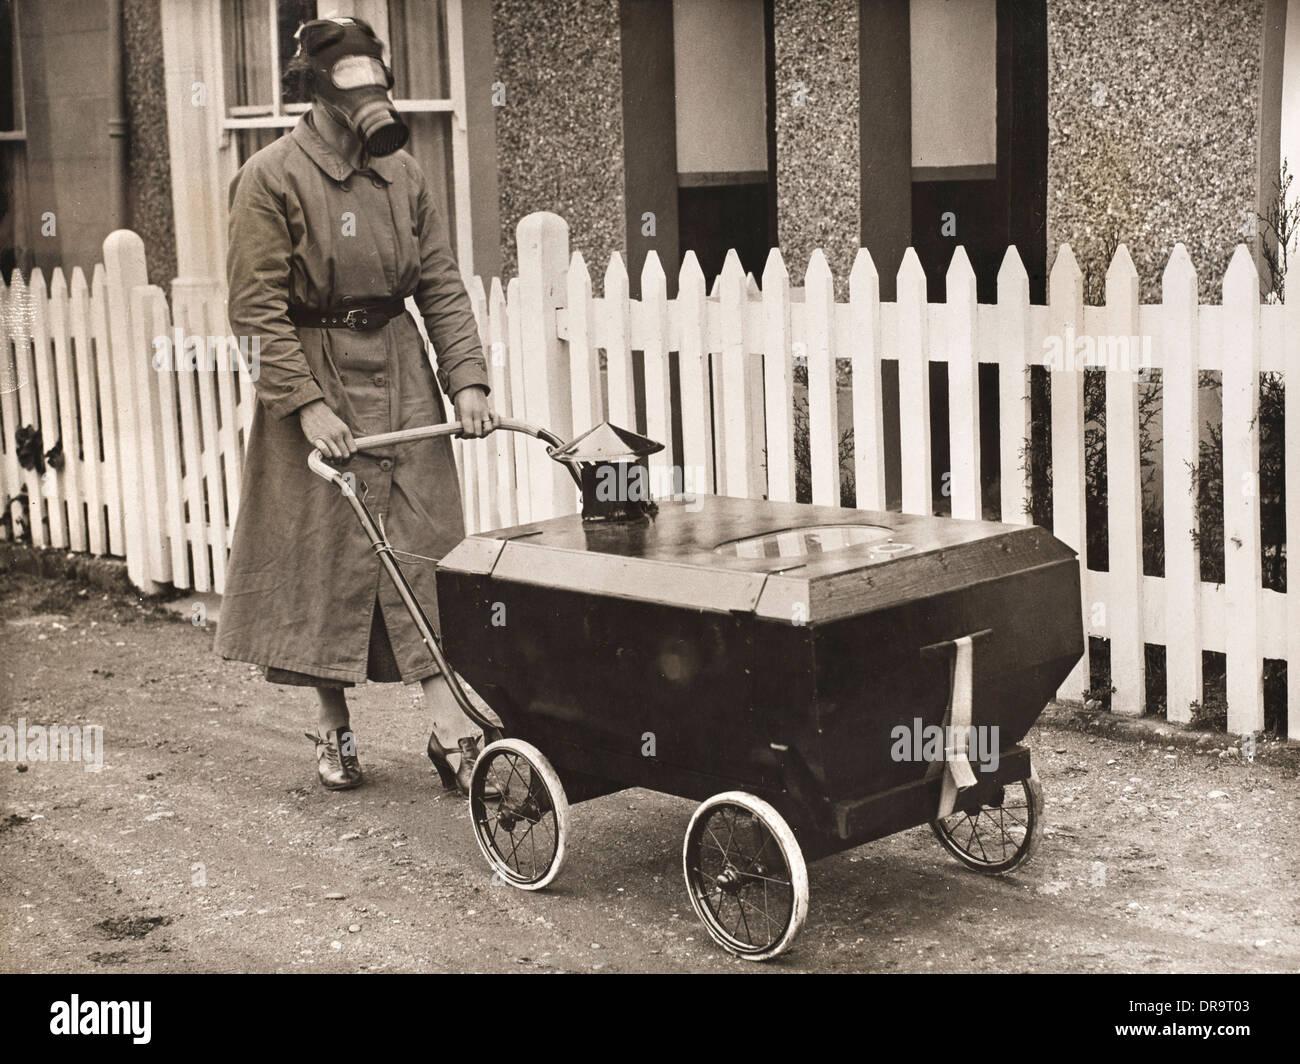 Gas proof pram, 1938 - Stock Image